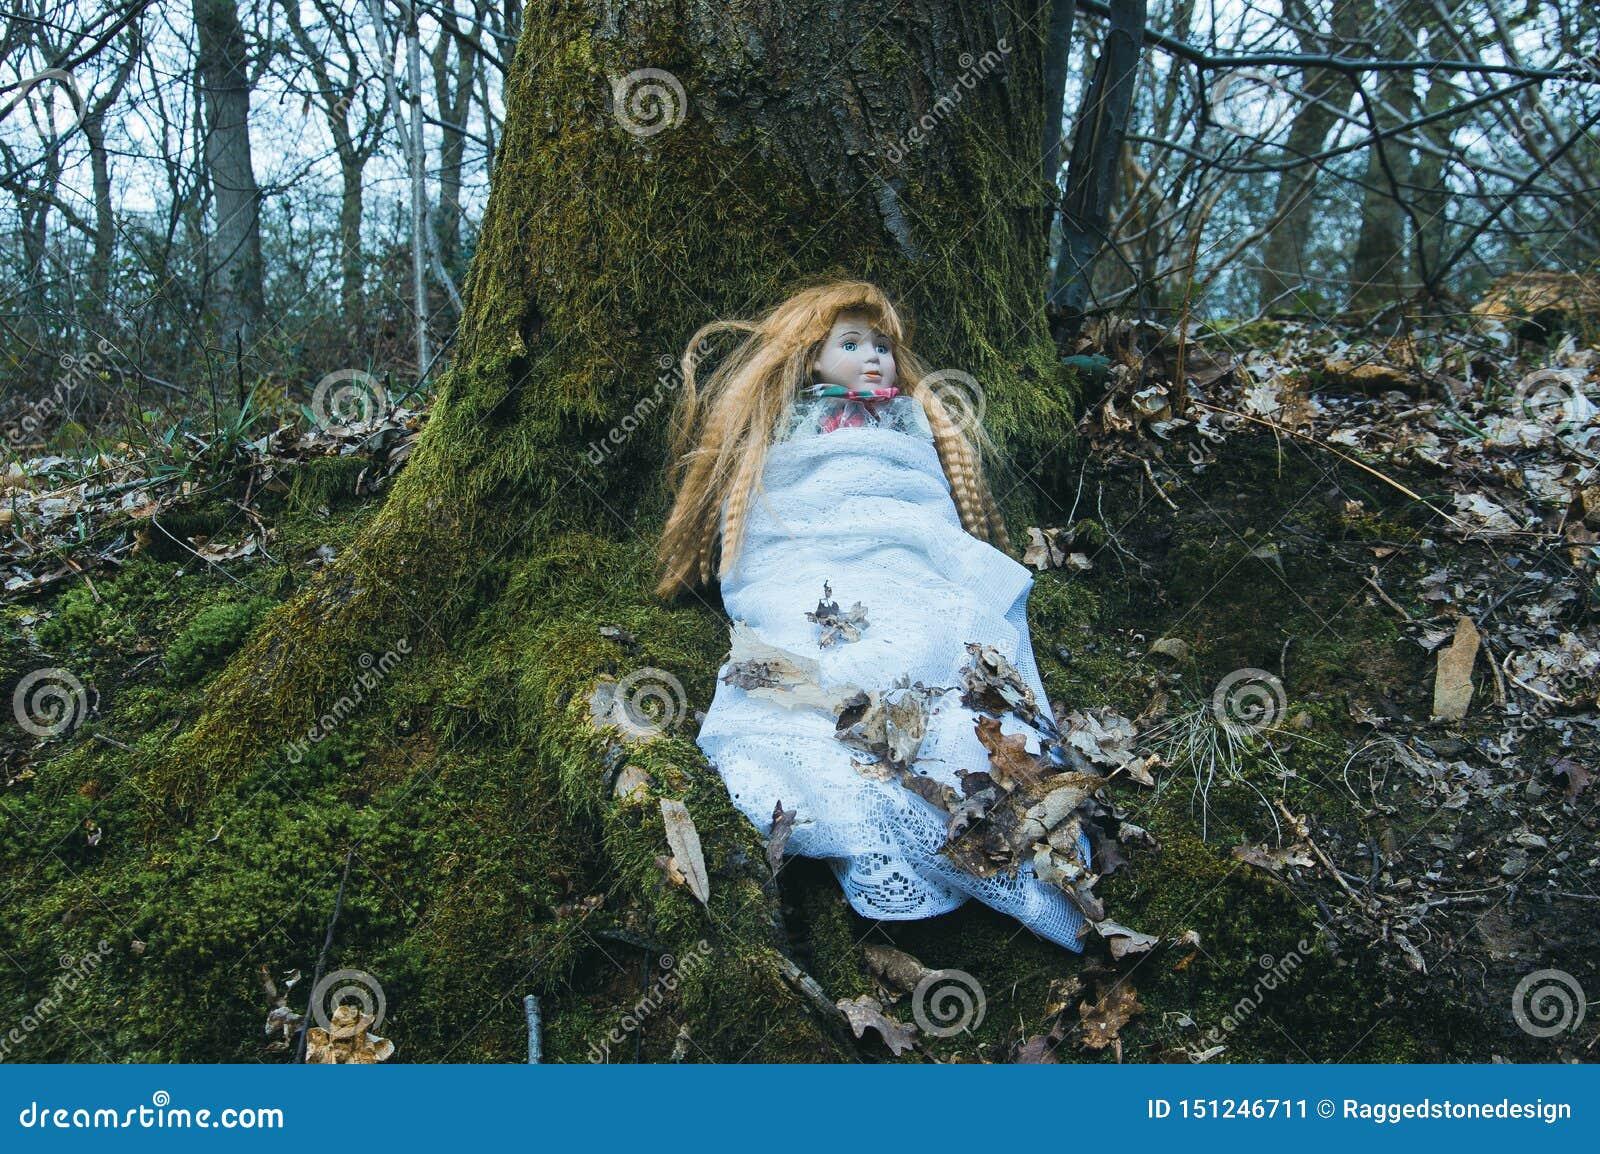 Una muñeca fantasmagórica ceepy, sentándose en un bosque en invierno Con una oscuridad, muda corrija